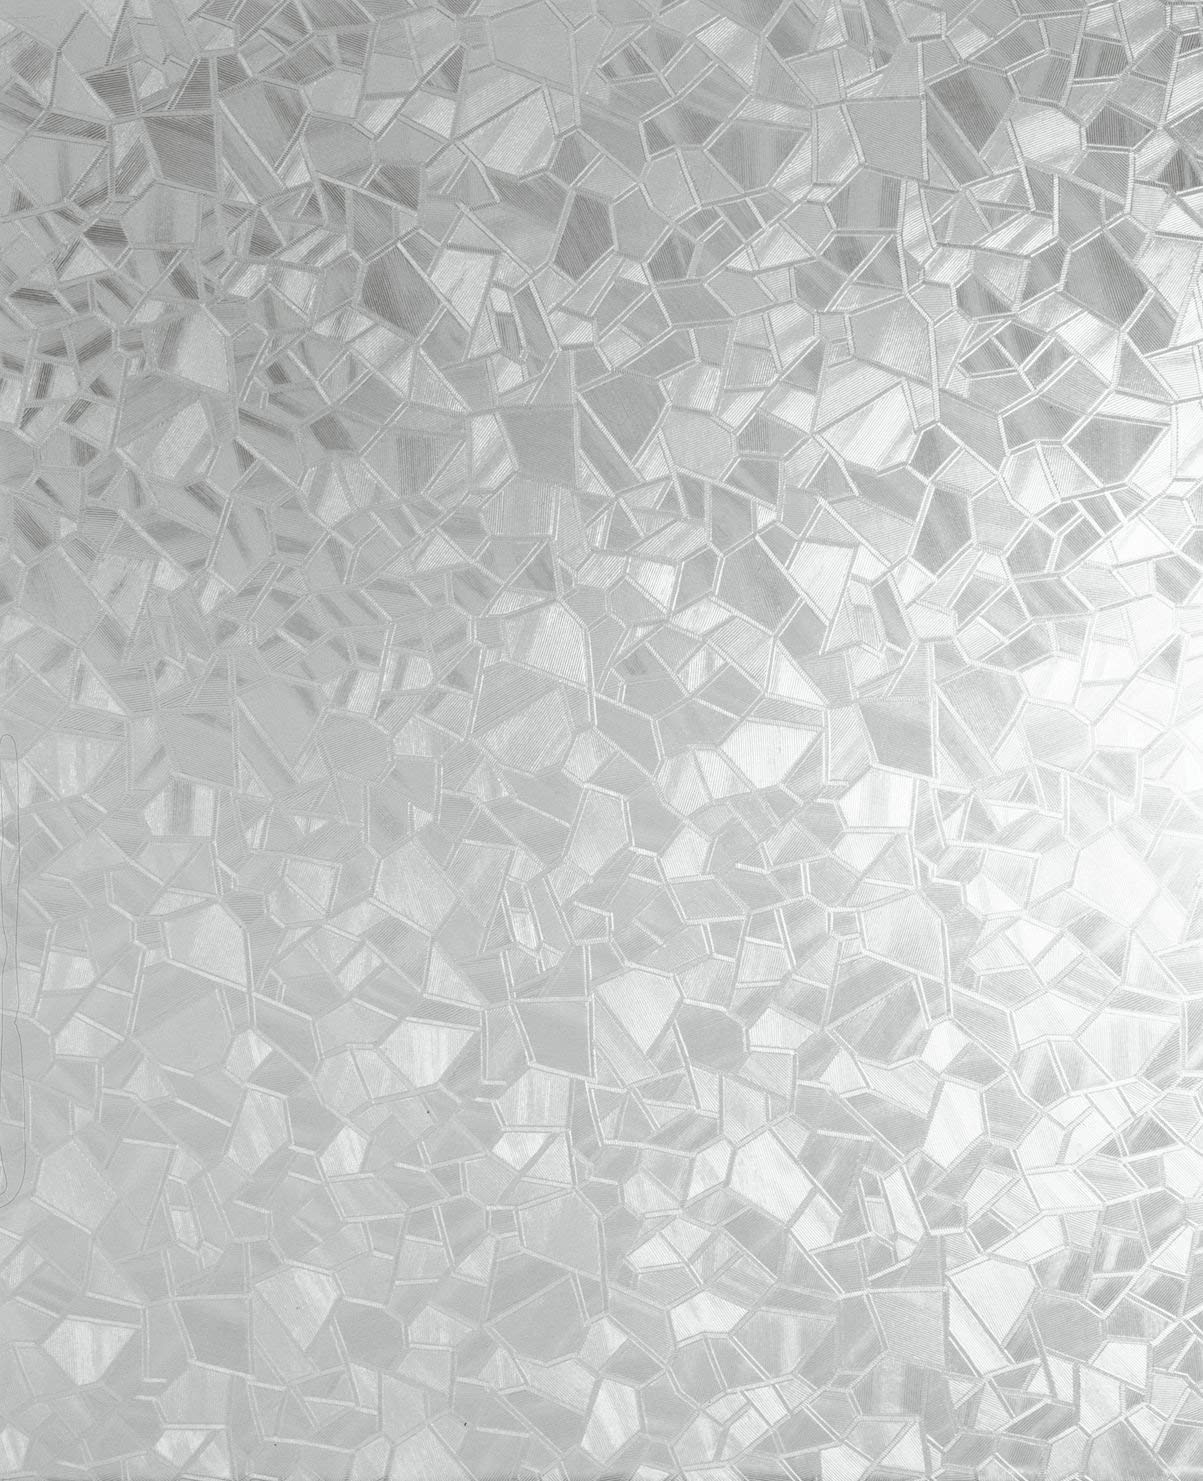 /Pellicola Adesiva D C Fix f3385019/ Vinile 150/x 90/cm Trasparente